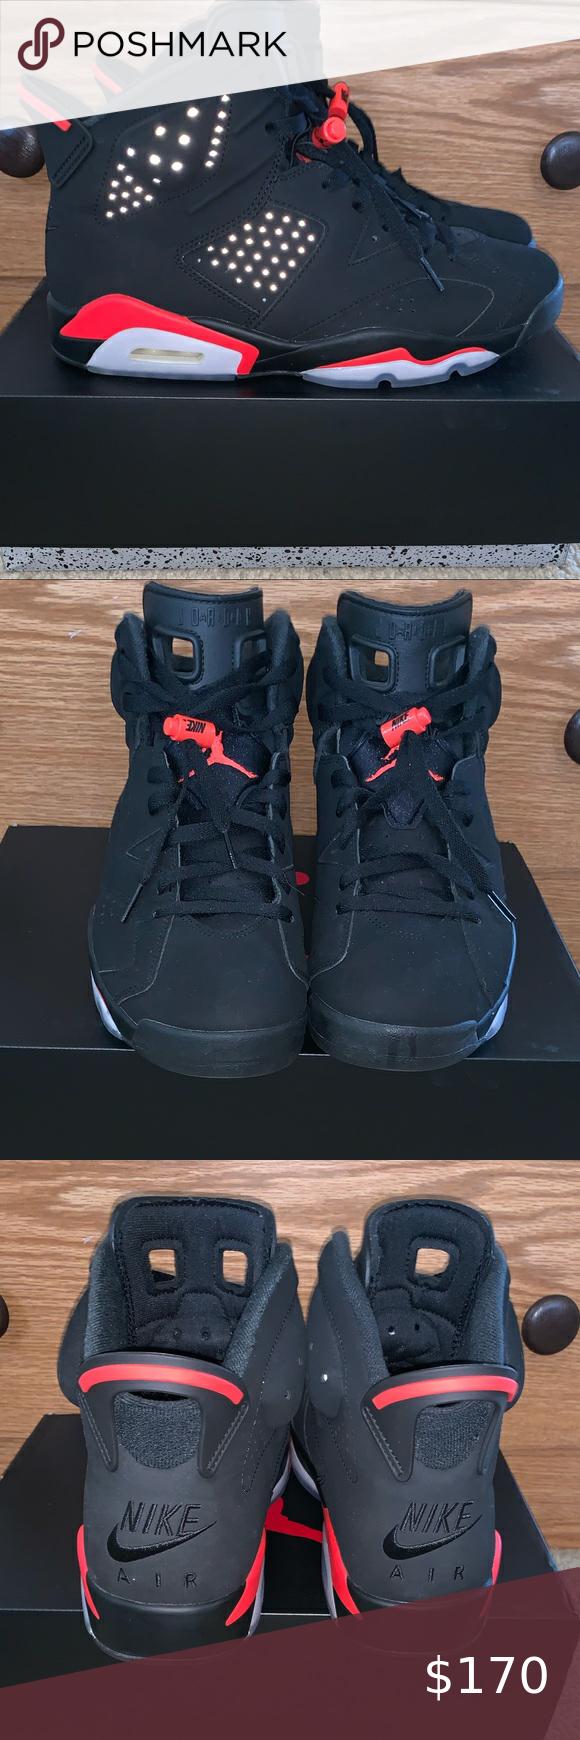 Air Jordan 6s Retro Black Infrared